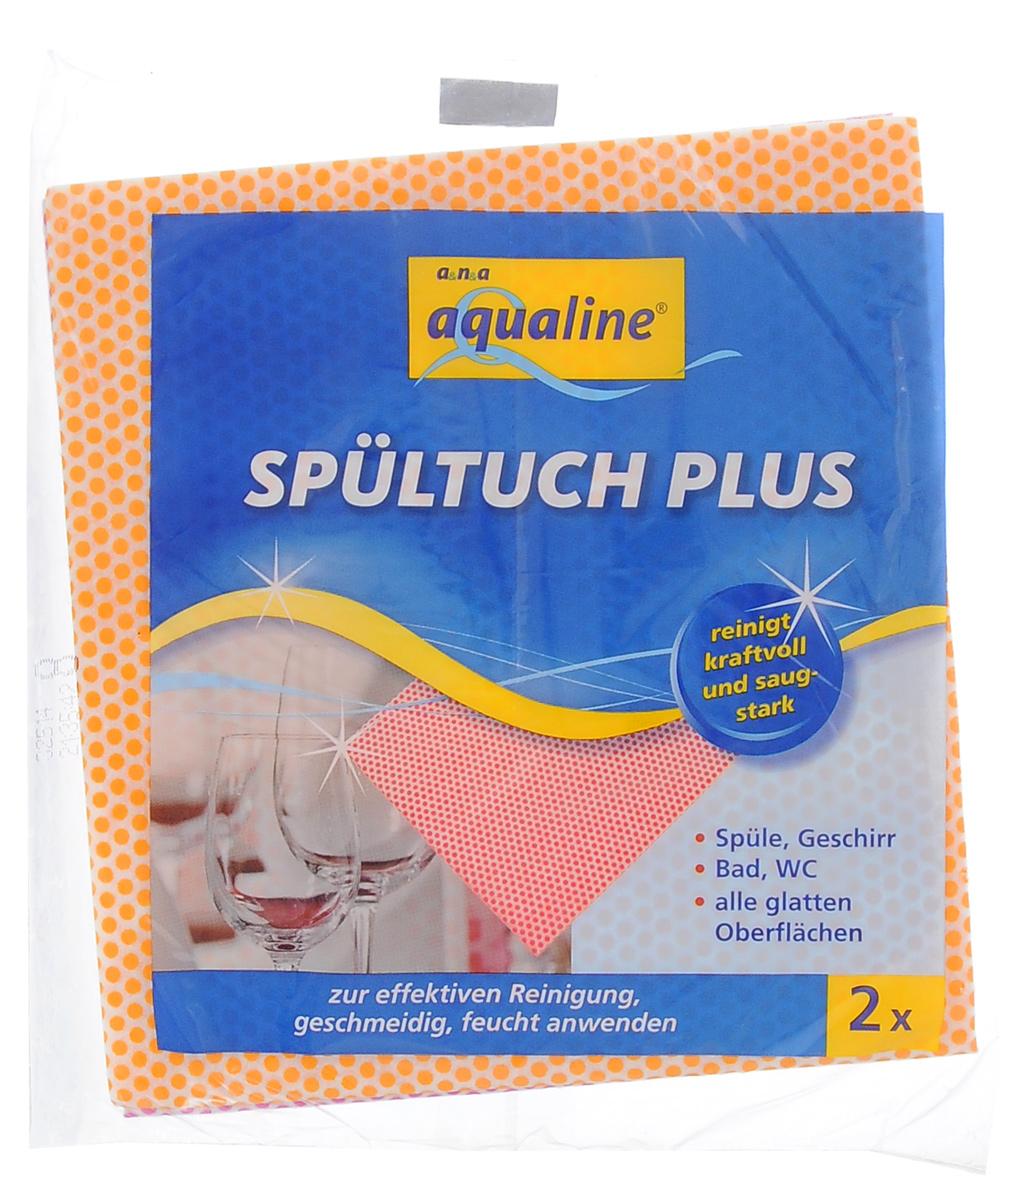 Салфетка Aqualine Plus для посуды и домашнего хозяйства, цвет: оранжевый, малиновый, 35 х 38 см, 2 шт2058_оранжевый, малиновыйМягкая салфетка Aqualine Plus обладает высокими чистящими свойствами за счет специальных точек, которые находятся на поверхности ткани. Она прекрасно подходит как для мытья посуды, так и для уборки поверхностей на кухне и в ванной комнате. Благодаря рифленой структуре салфетка удаляет даже самые сильные загрязнения, хорошо впитывая жидкость, не оставляя ворсинок. Состав: 82% вискоза, 18% полипропилен.